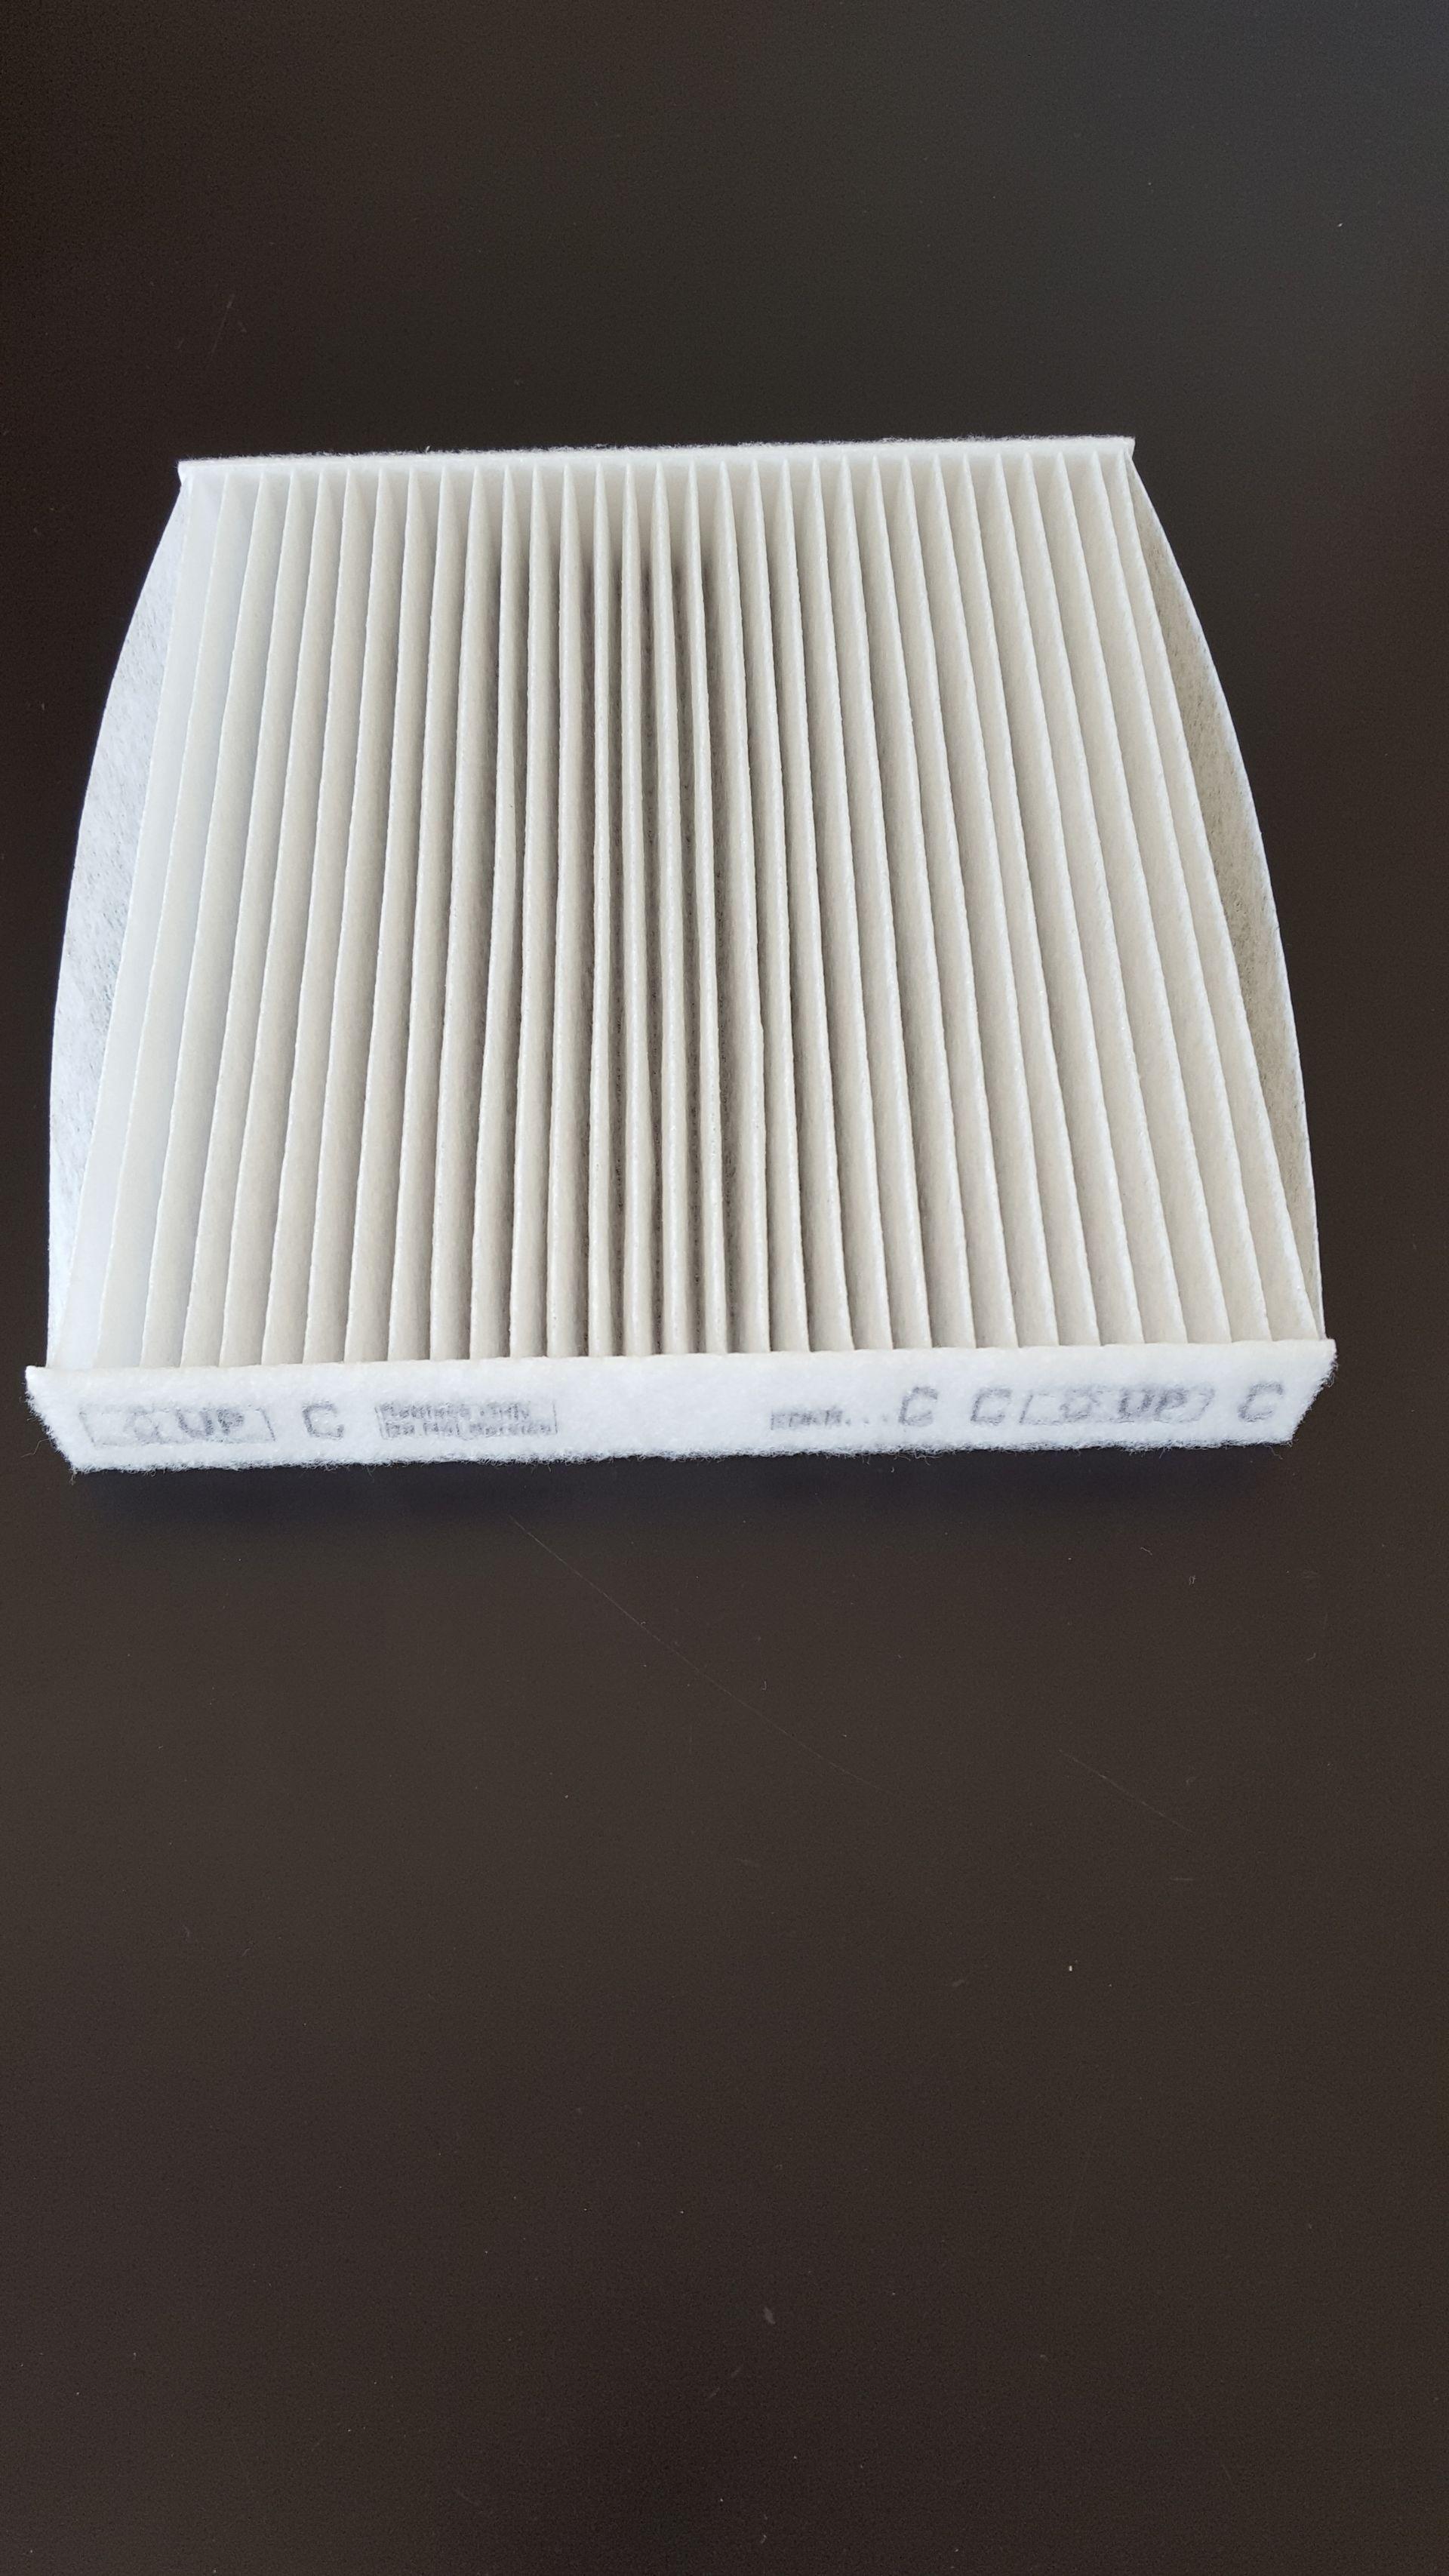 Cabin Air Filter - Subaru (72880FL00A)